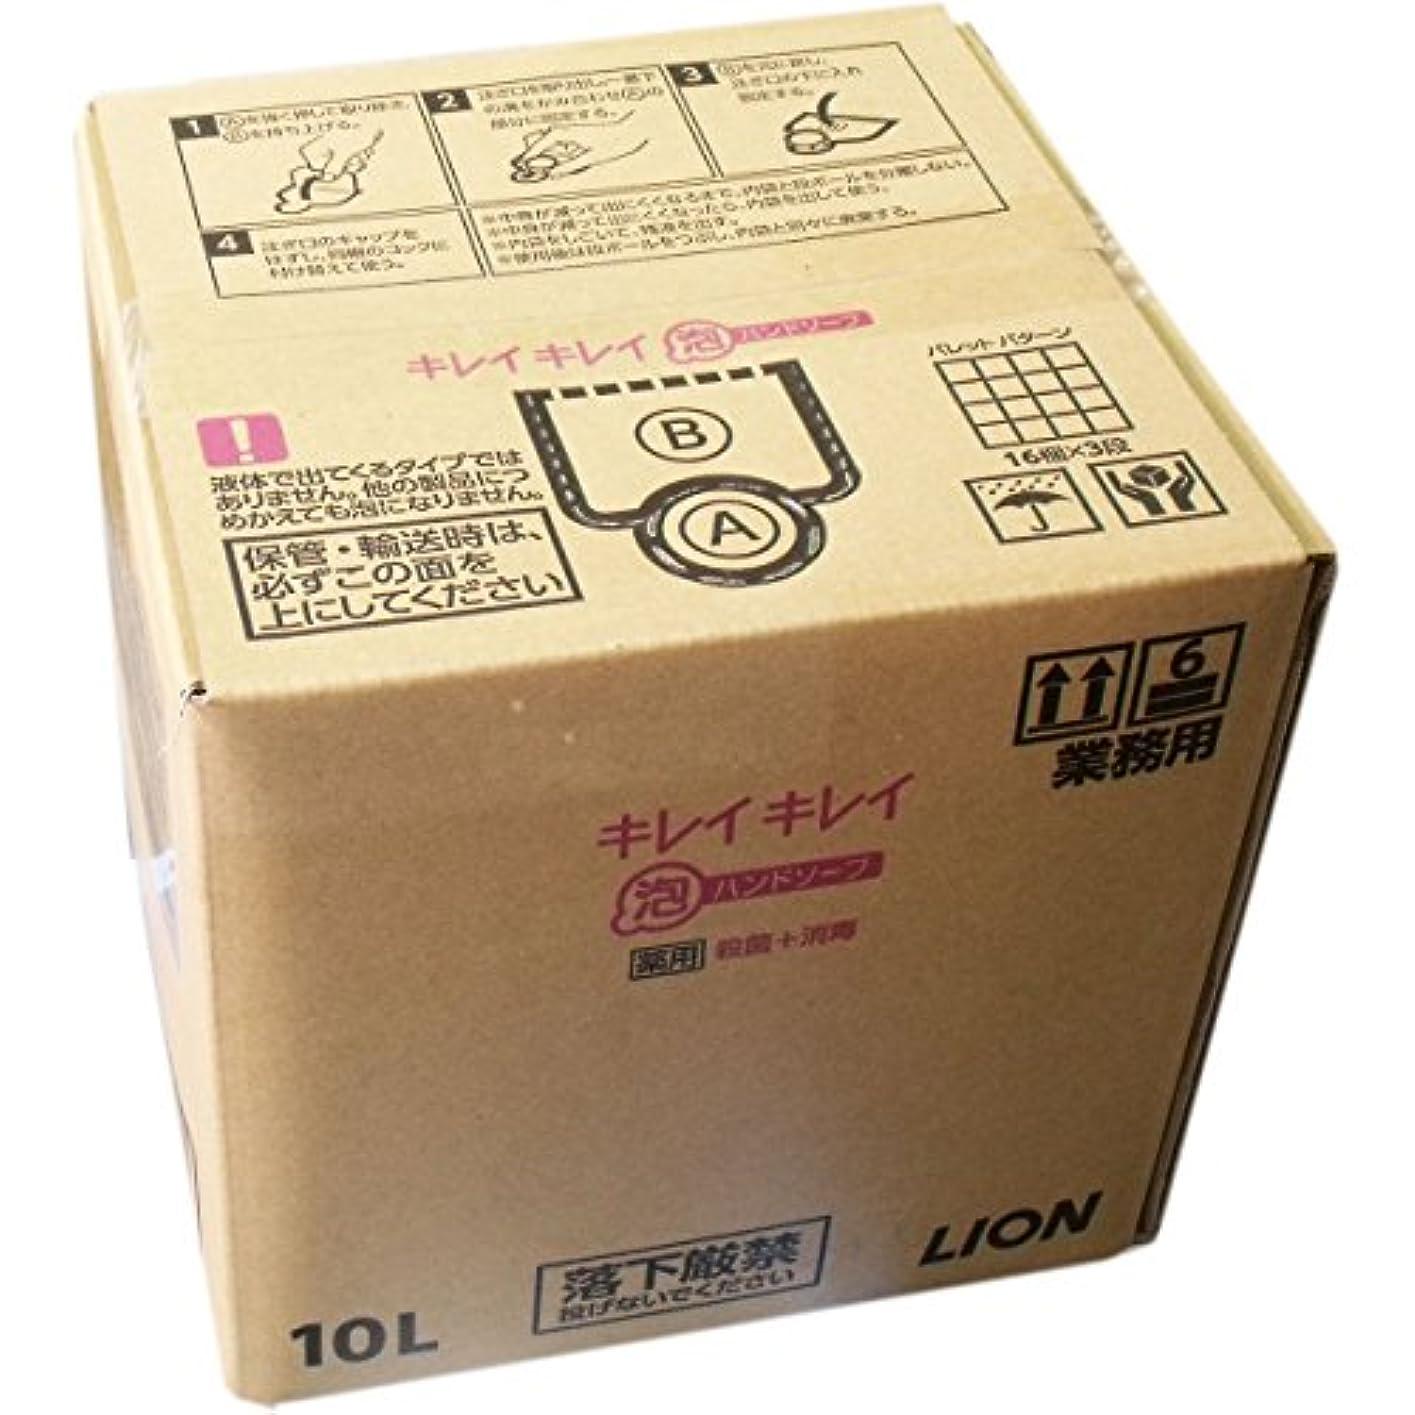 ユーモアストレス腹ライオン 業務用キレイキレイ 薬用泡ハンドソープ 10L